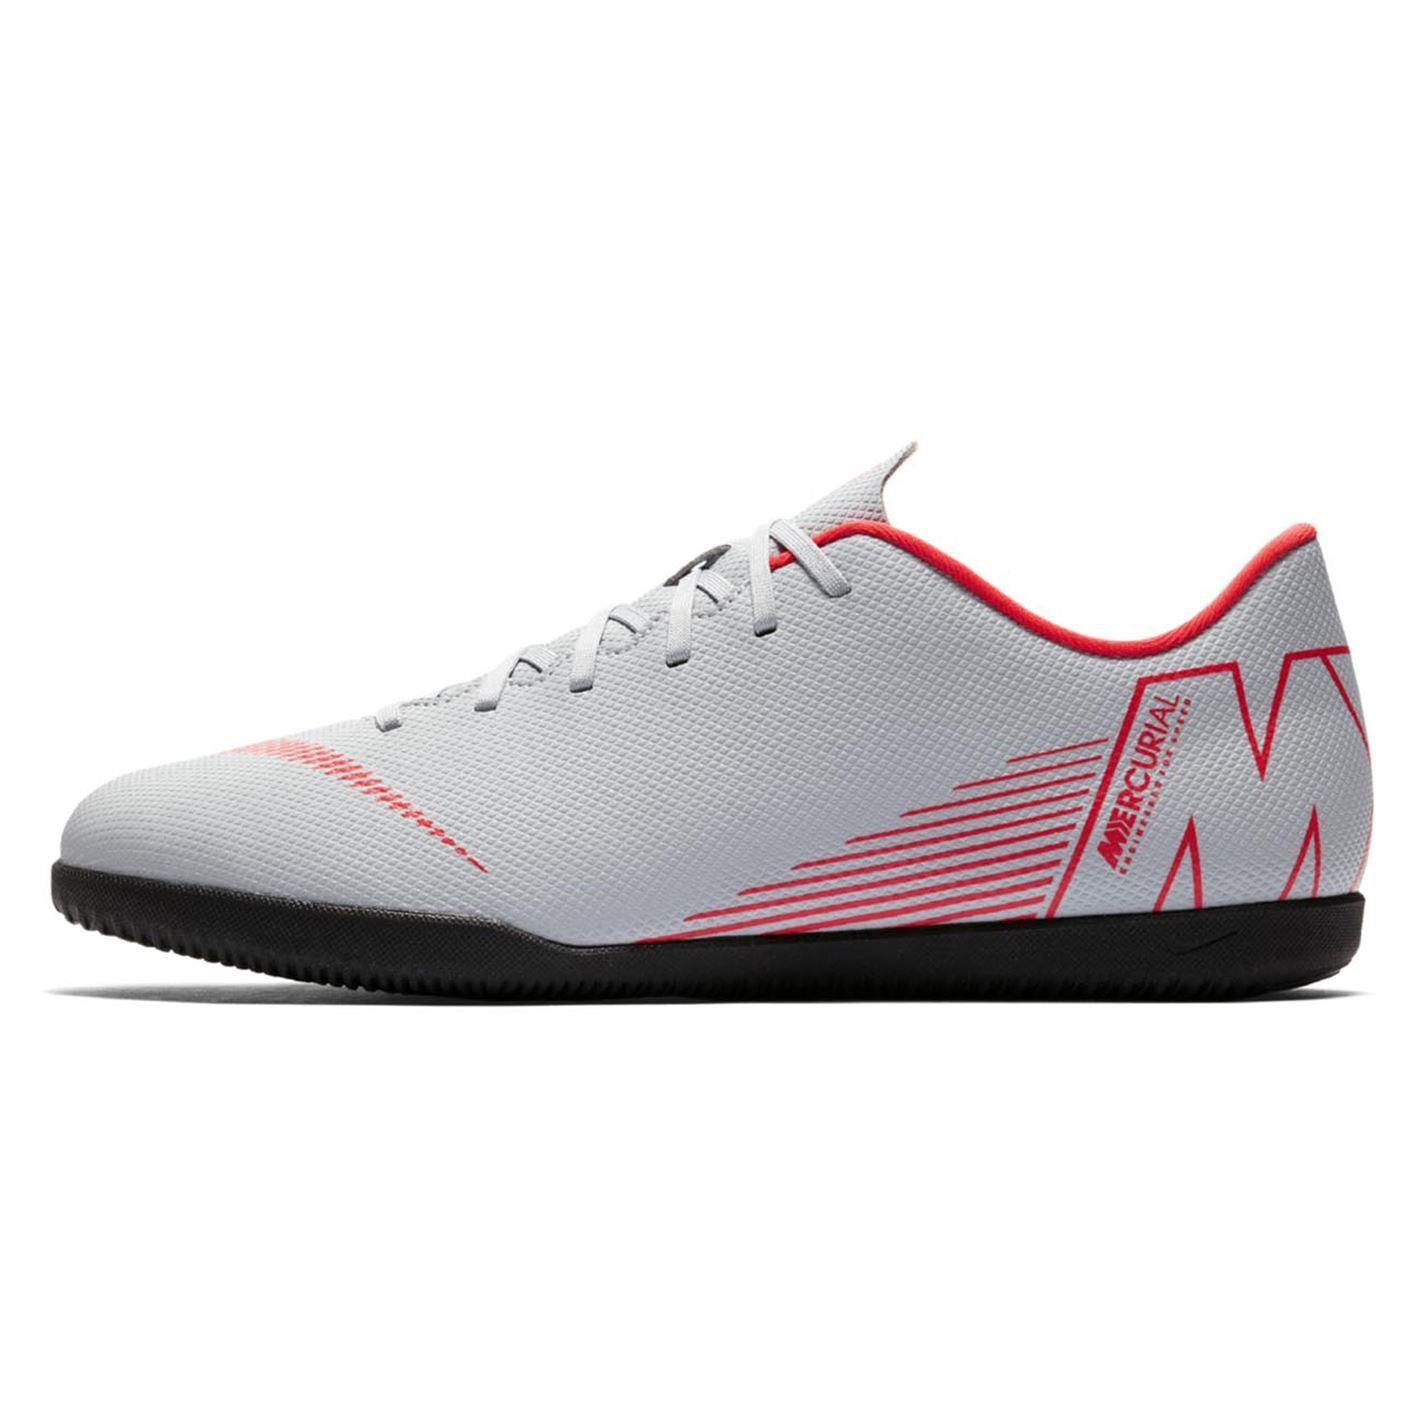 scarpe calcetto nike uomo futsal